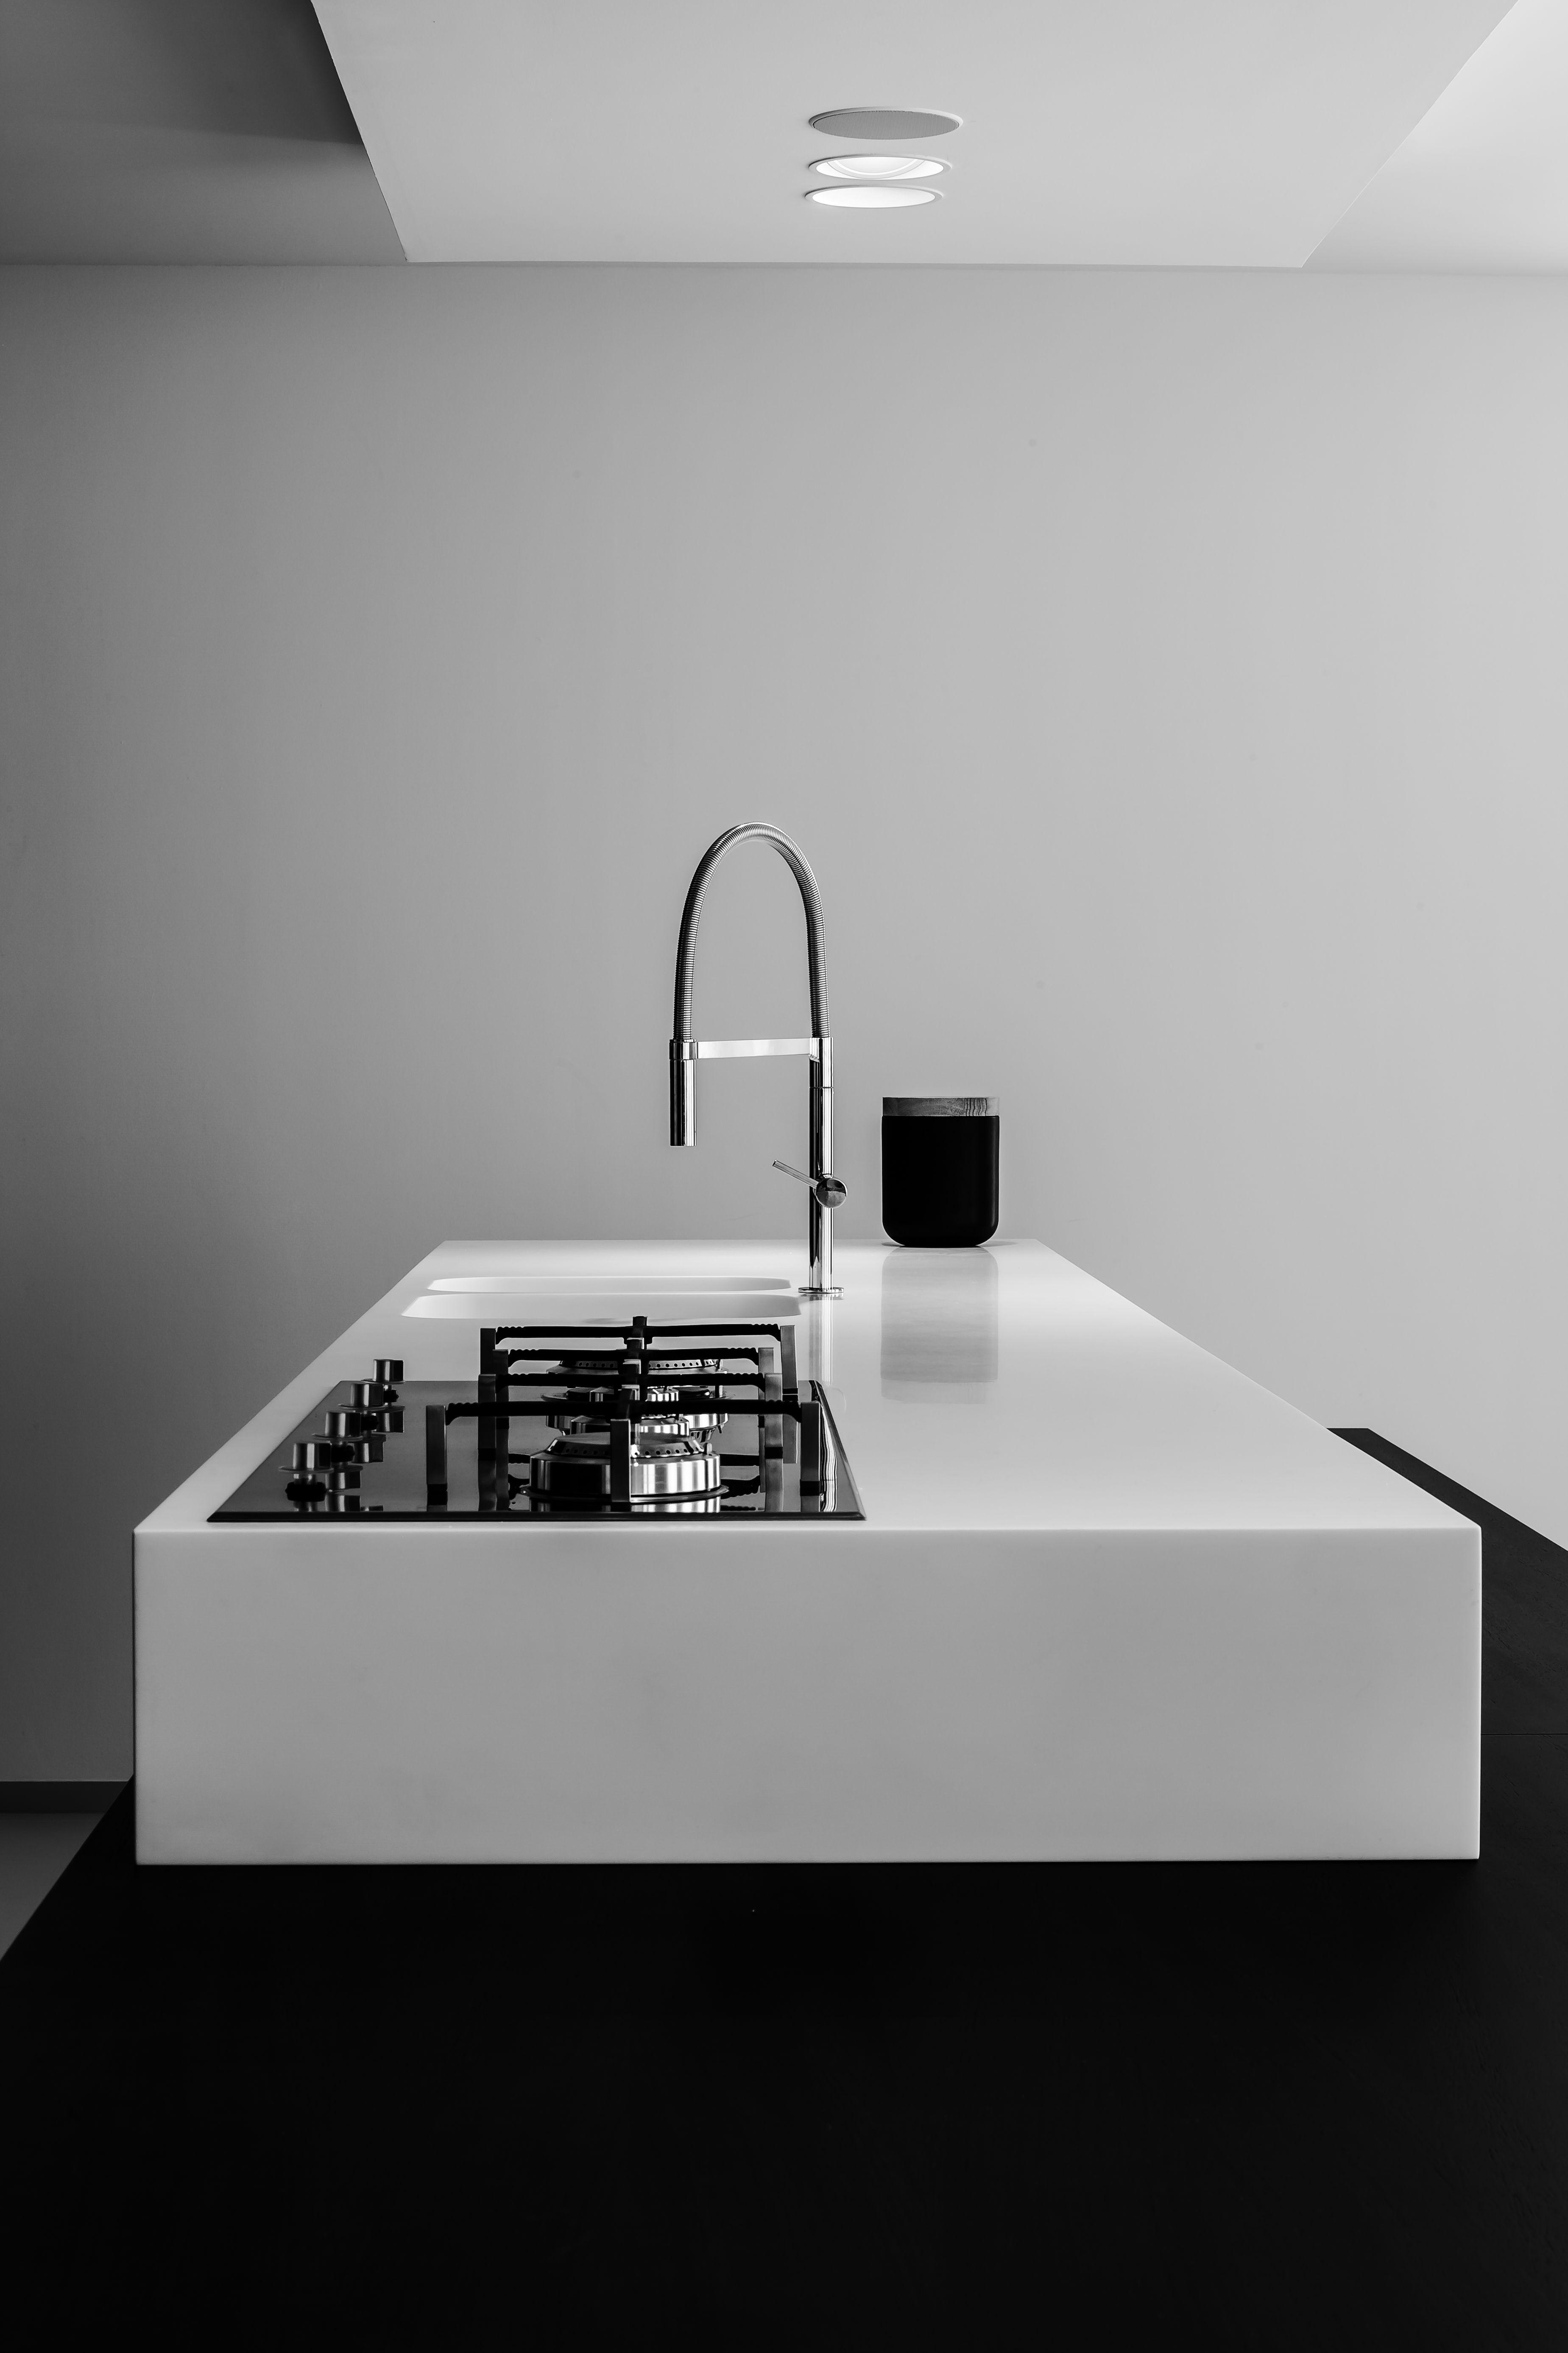 minimal white kitchen | kitchen . Küche . cuisine | Architekt: Filip ...